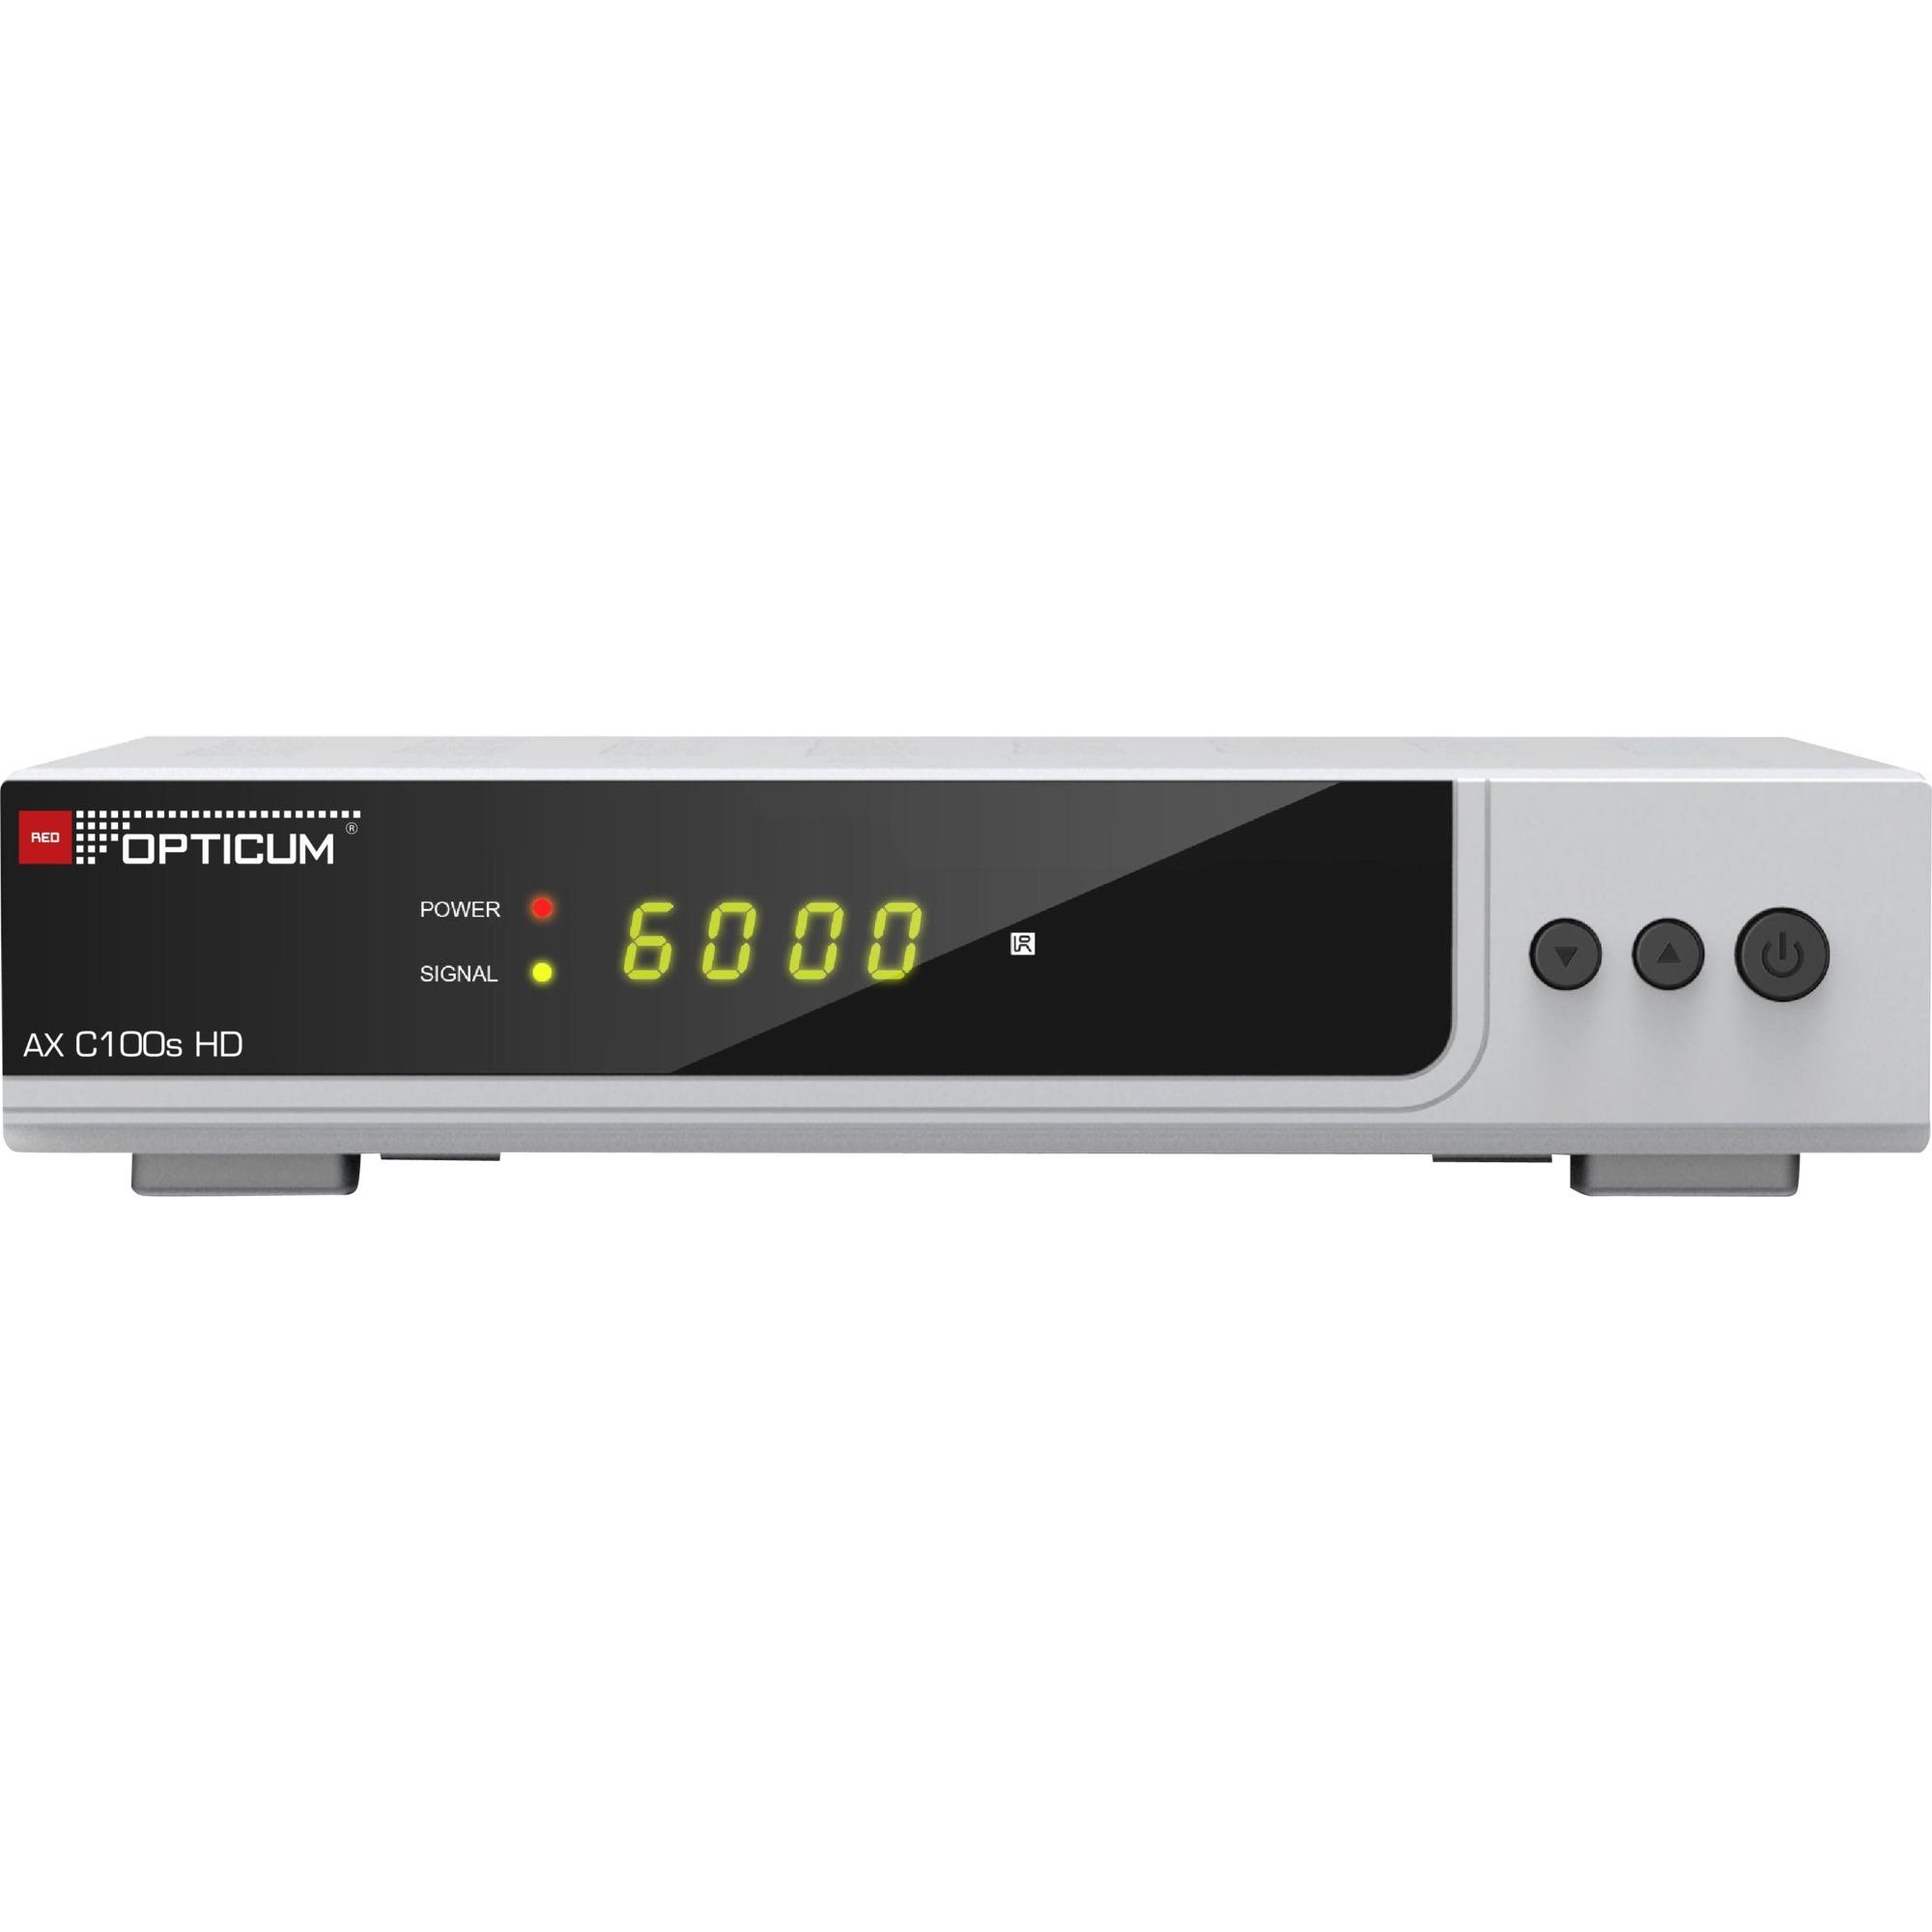 AX HD C100s Ledning Fuld HD Sølv TV set-top boks, Kabel-modtager